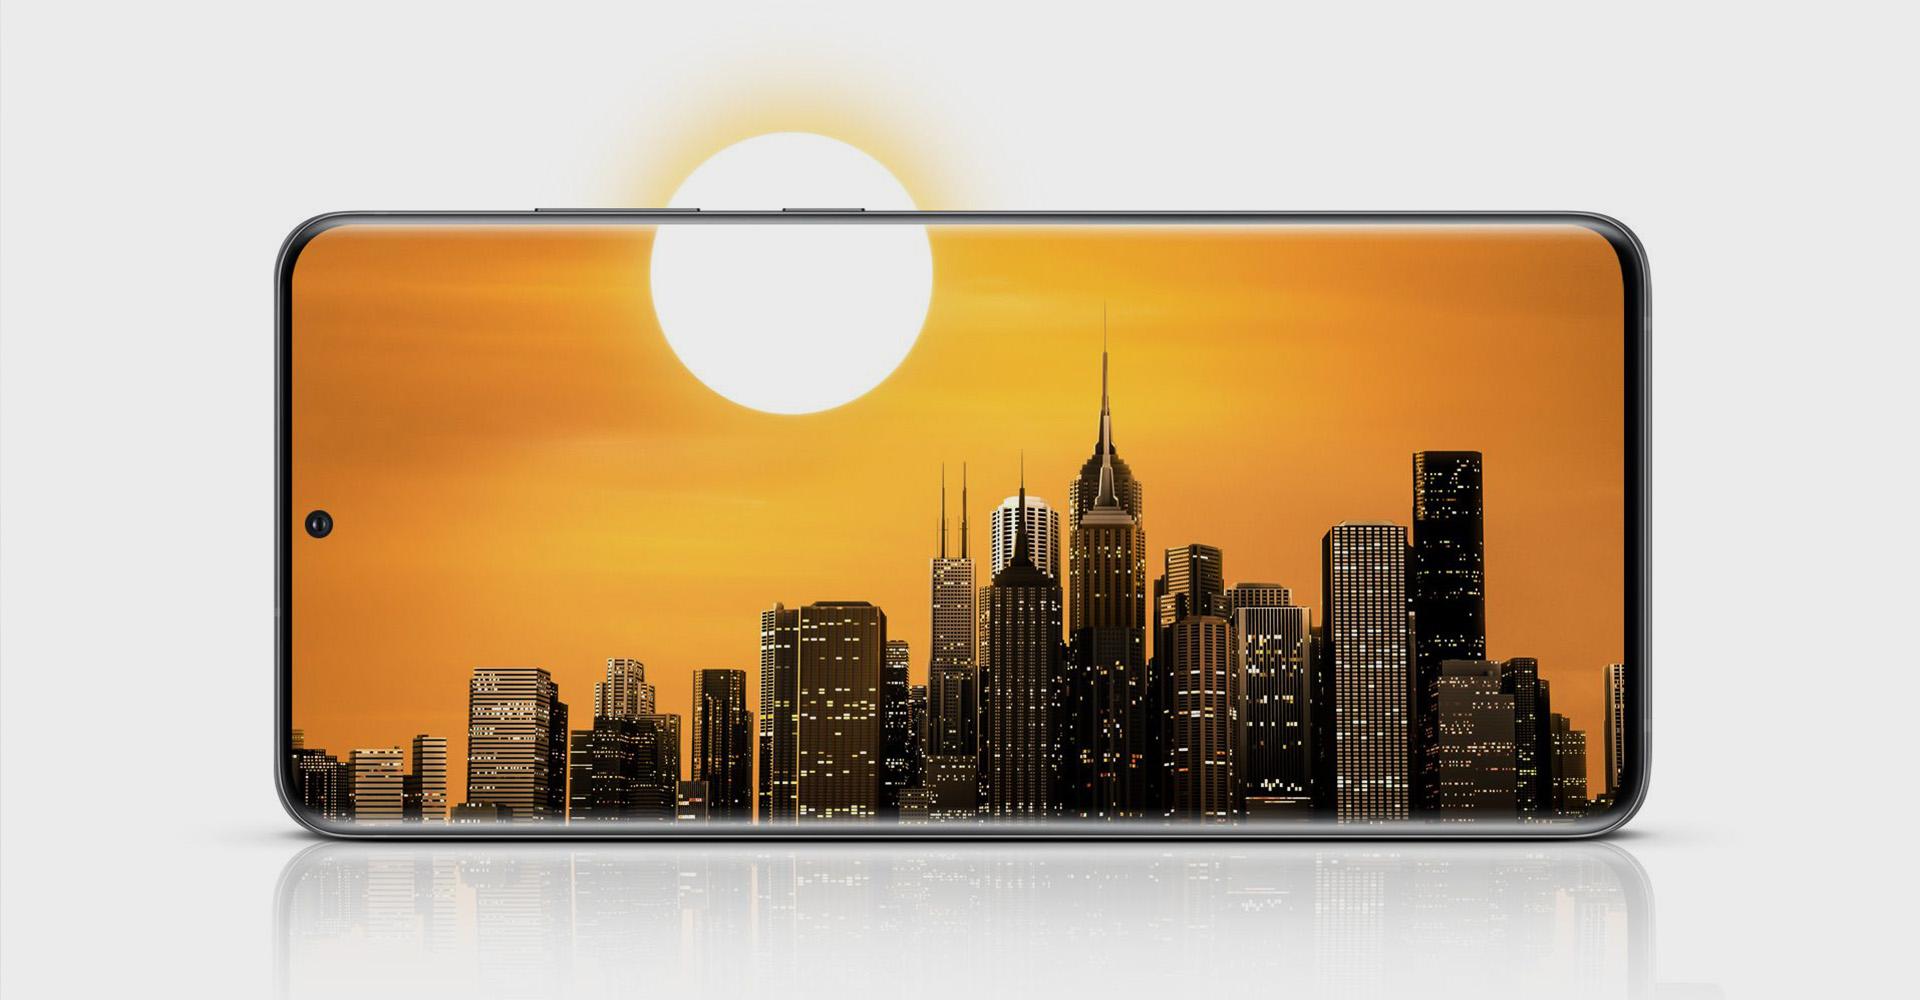 Samsung kijelzők